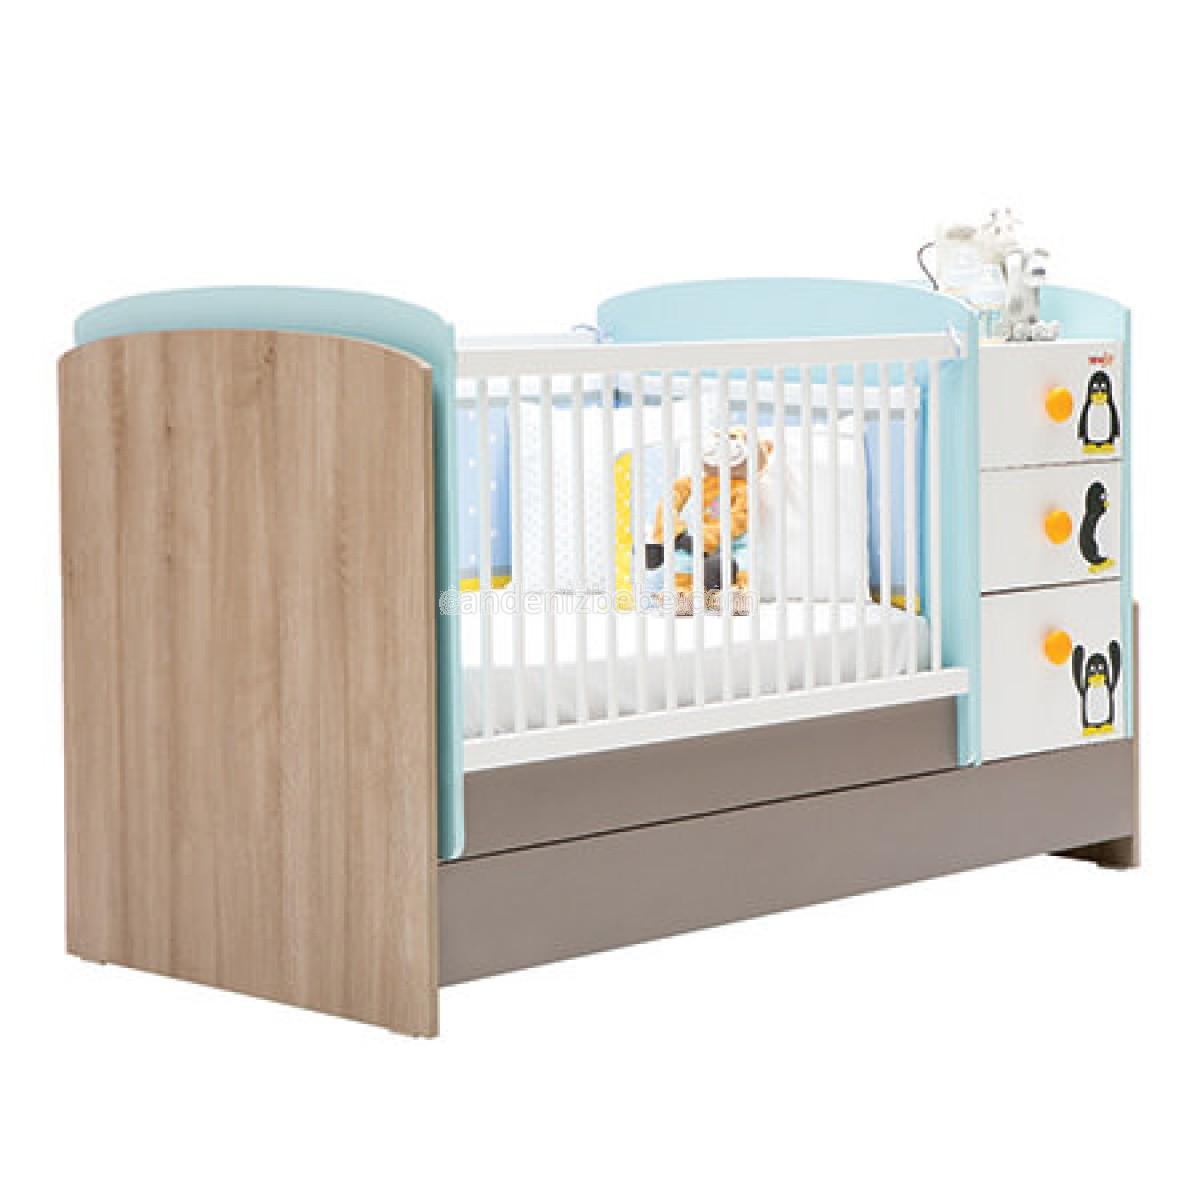 bebek-besigi-modelleri-24